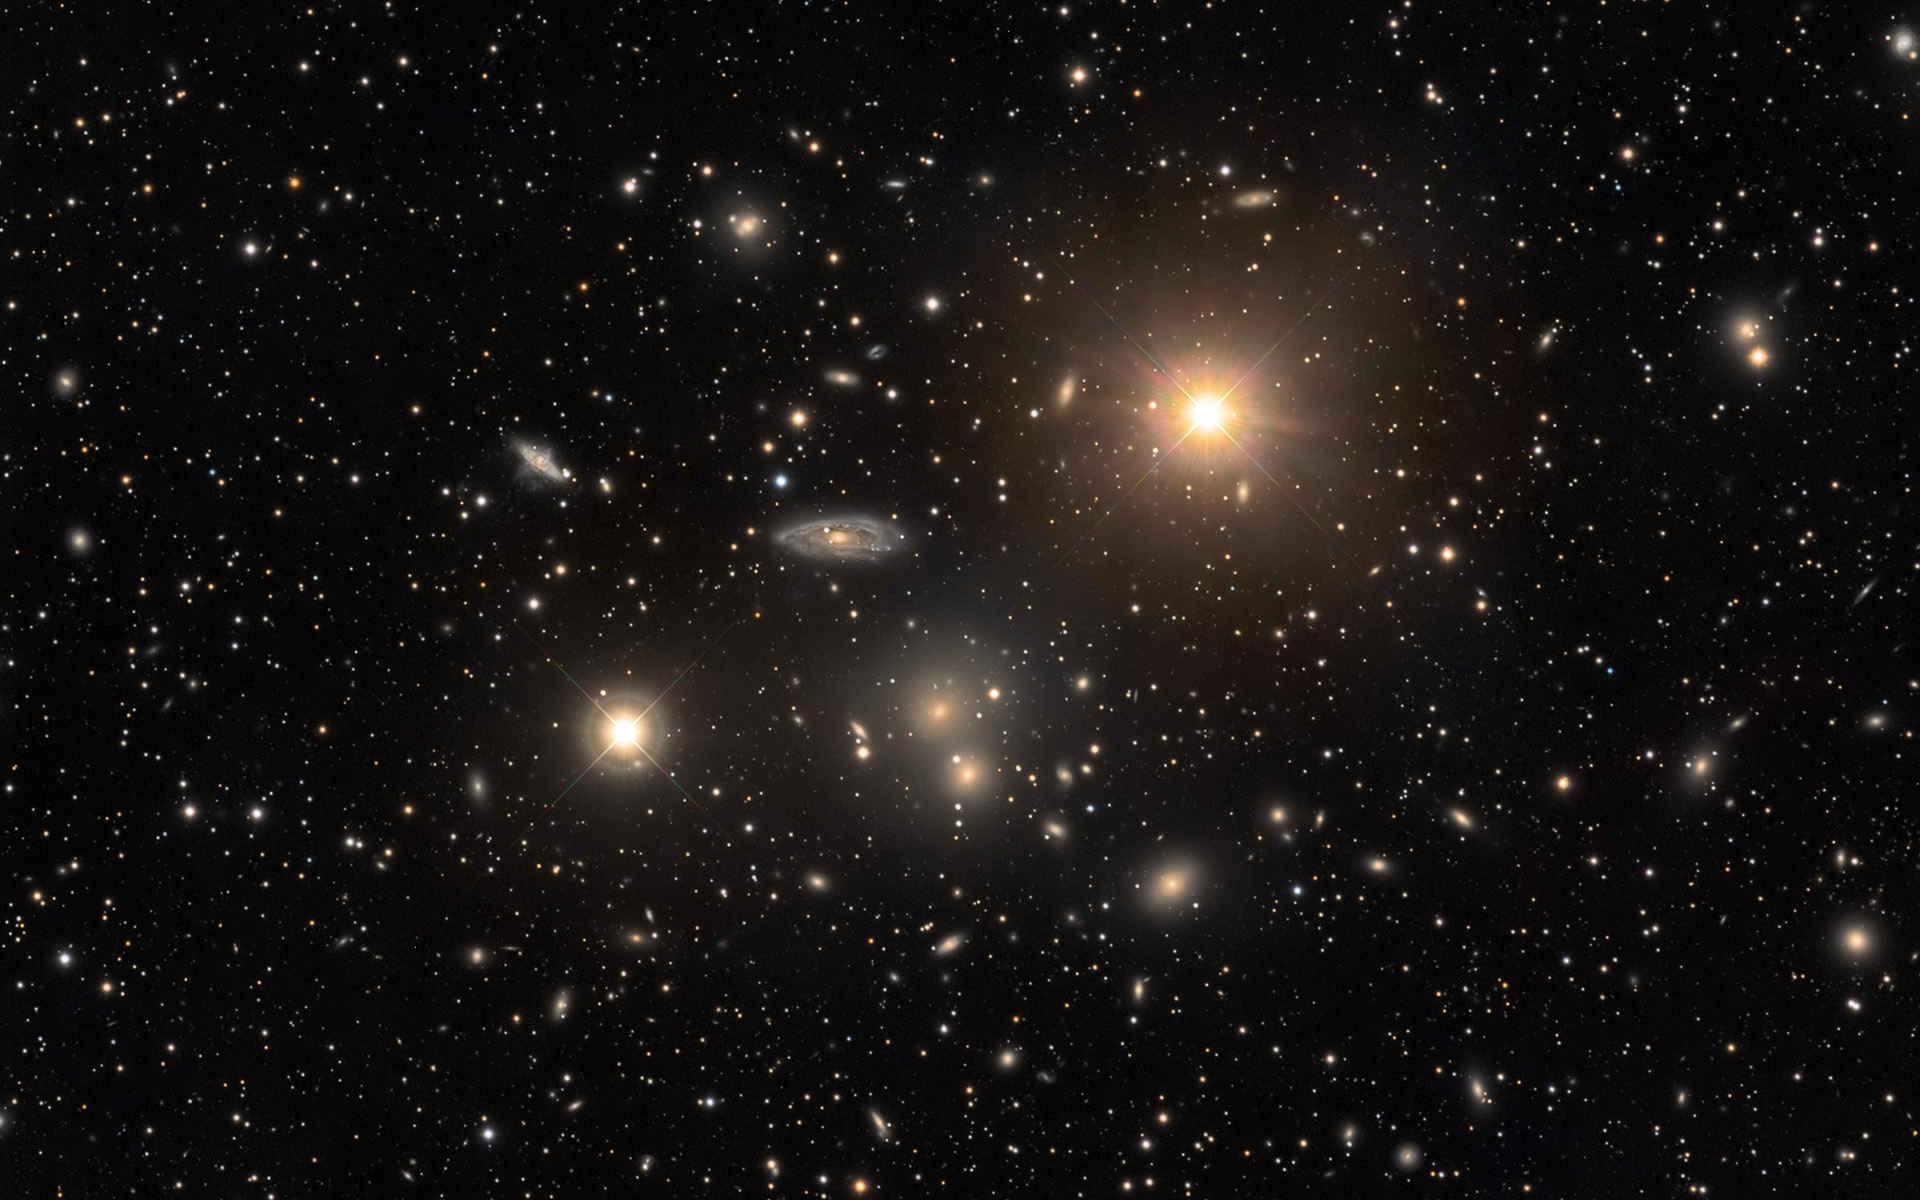 Astrónomos de la NASA detectan agujero negro debilitado en el cual nacen nuevas estrellas desde su núcleo